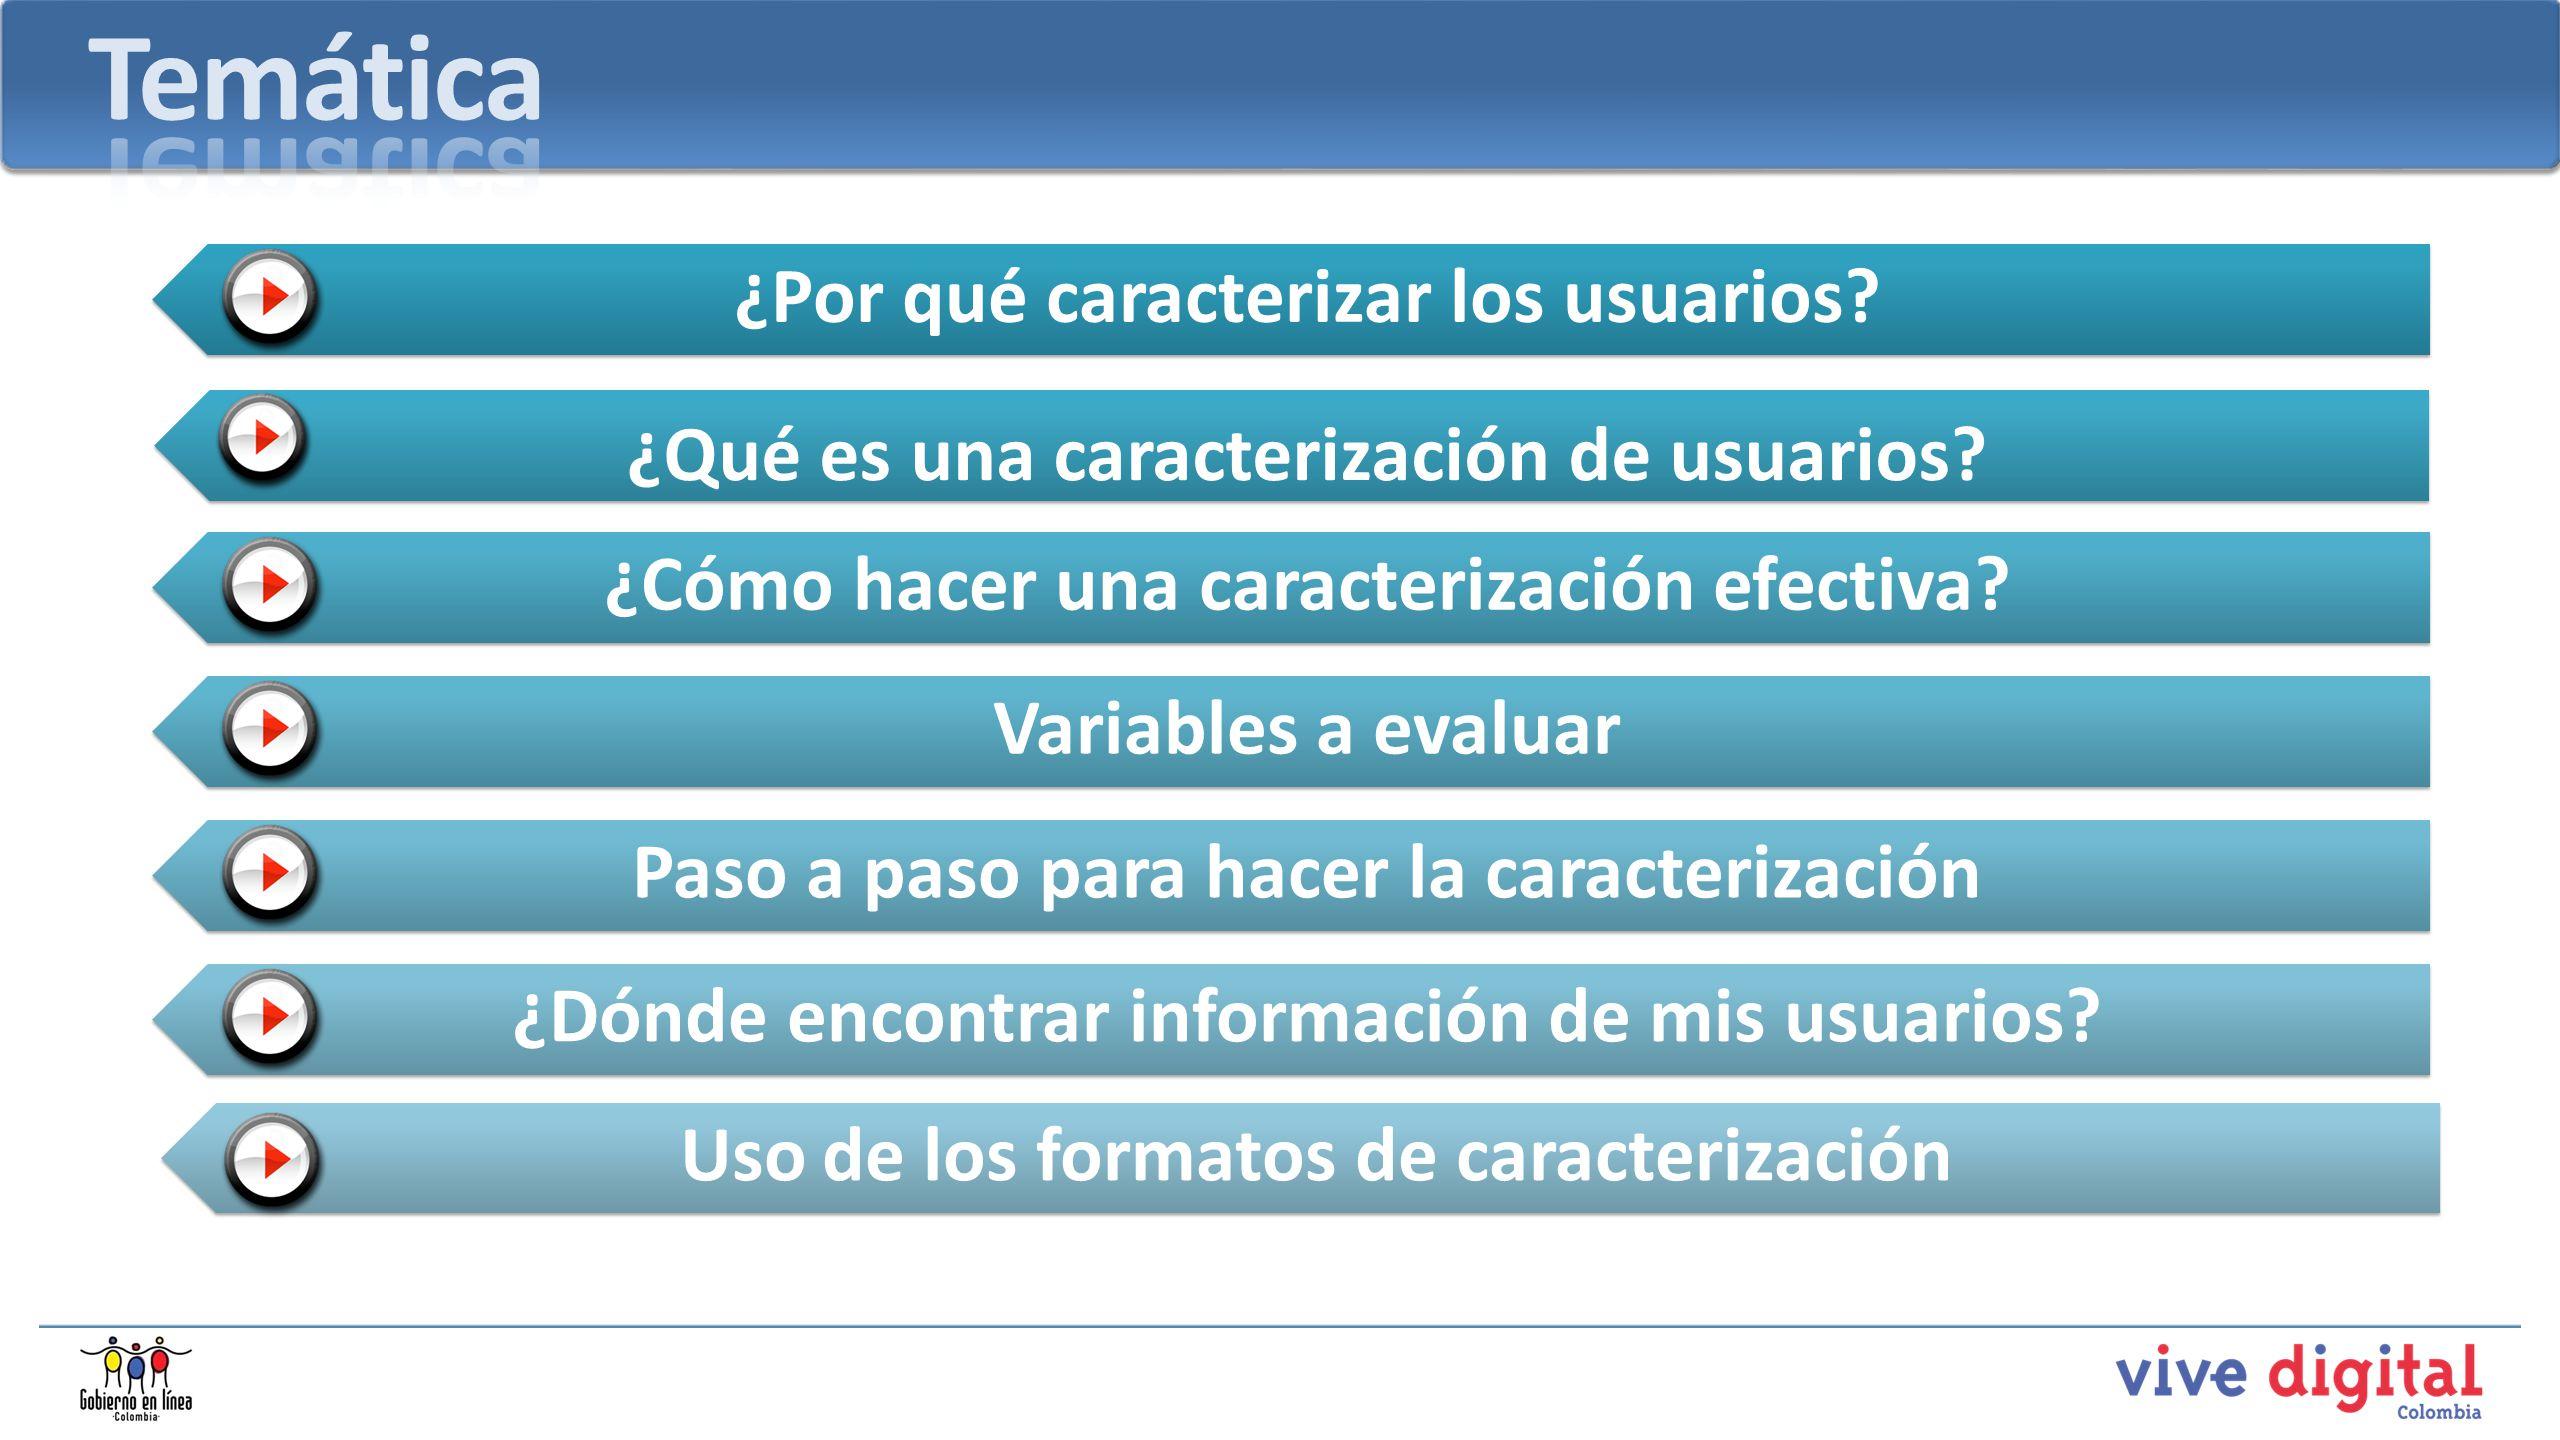 ¿Por qué caracterizar los usuarios? ¿Qué es una caracterización de usuarios? ¿Cómo hacer una caracterización efectiva? Variables a evaluar Paso a paso